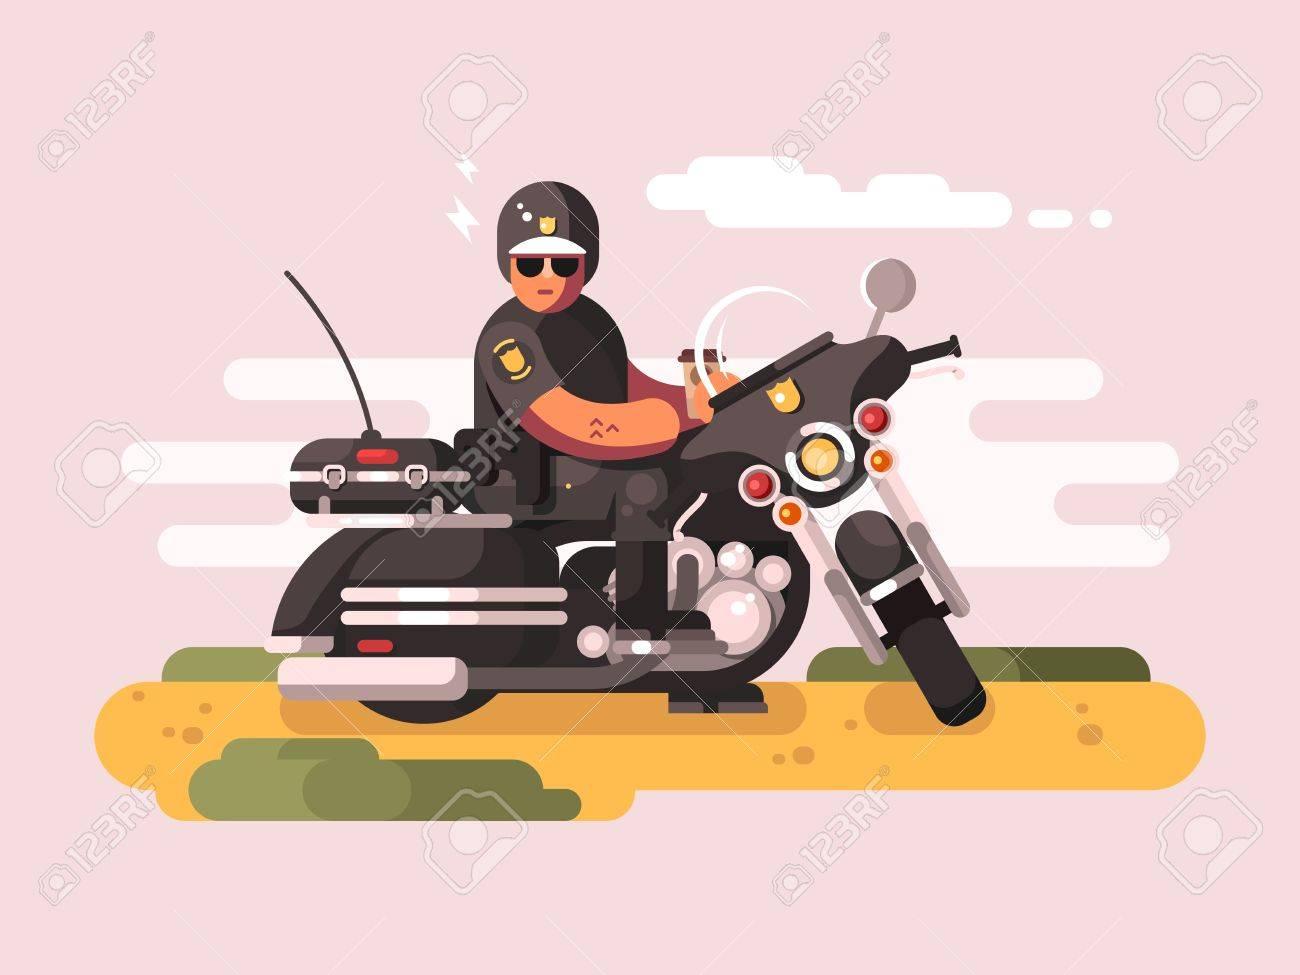 バイクの警察官警官のバイカーモト パトロールイラストのイラスト